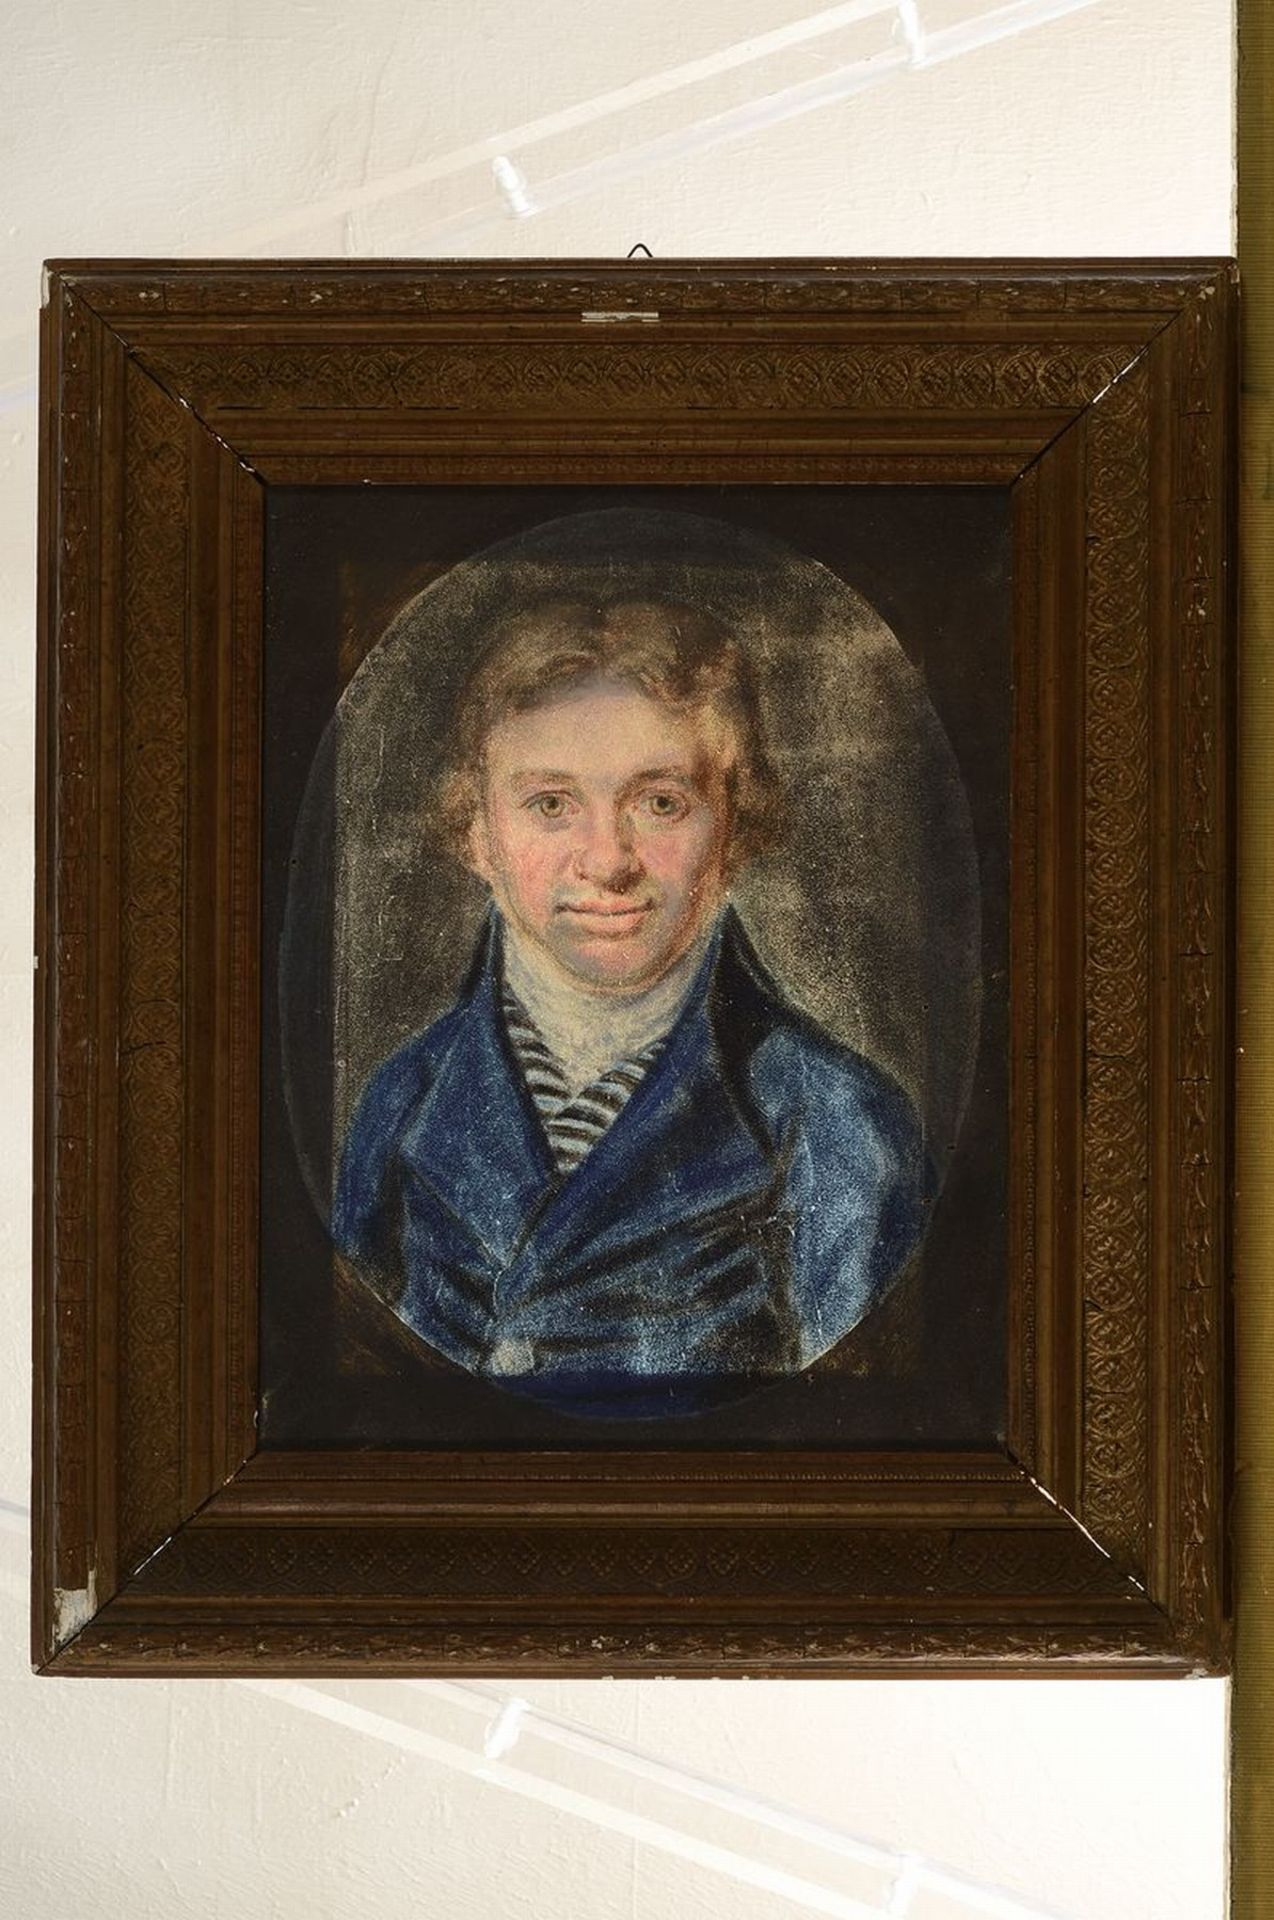 Unbekannter Künstler, um 1810, Porträt eines Mannes im - Bild 2 aus 2